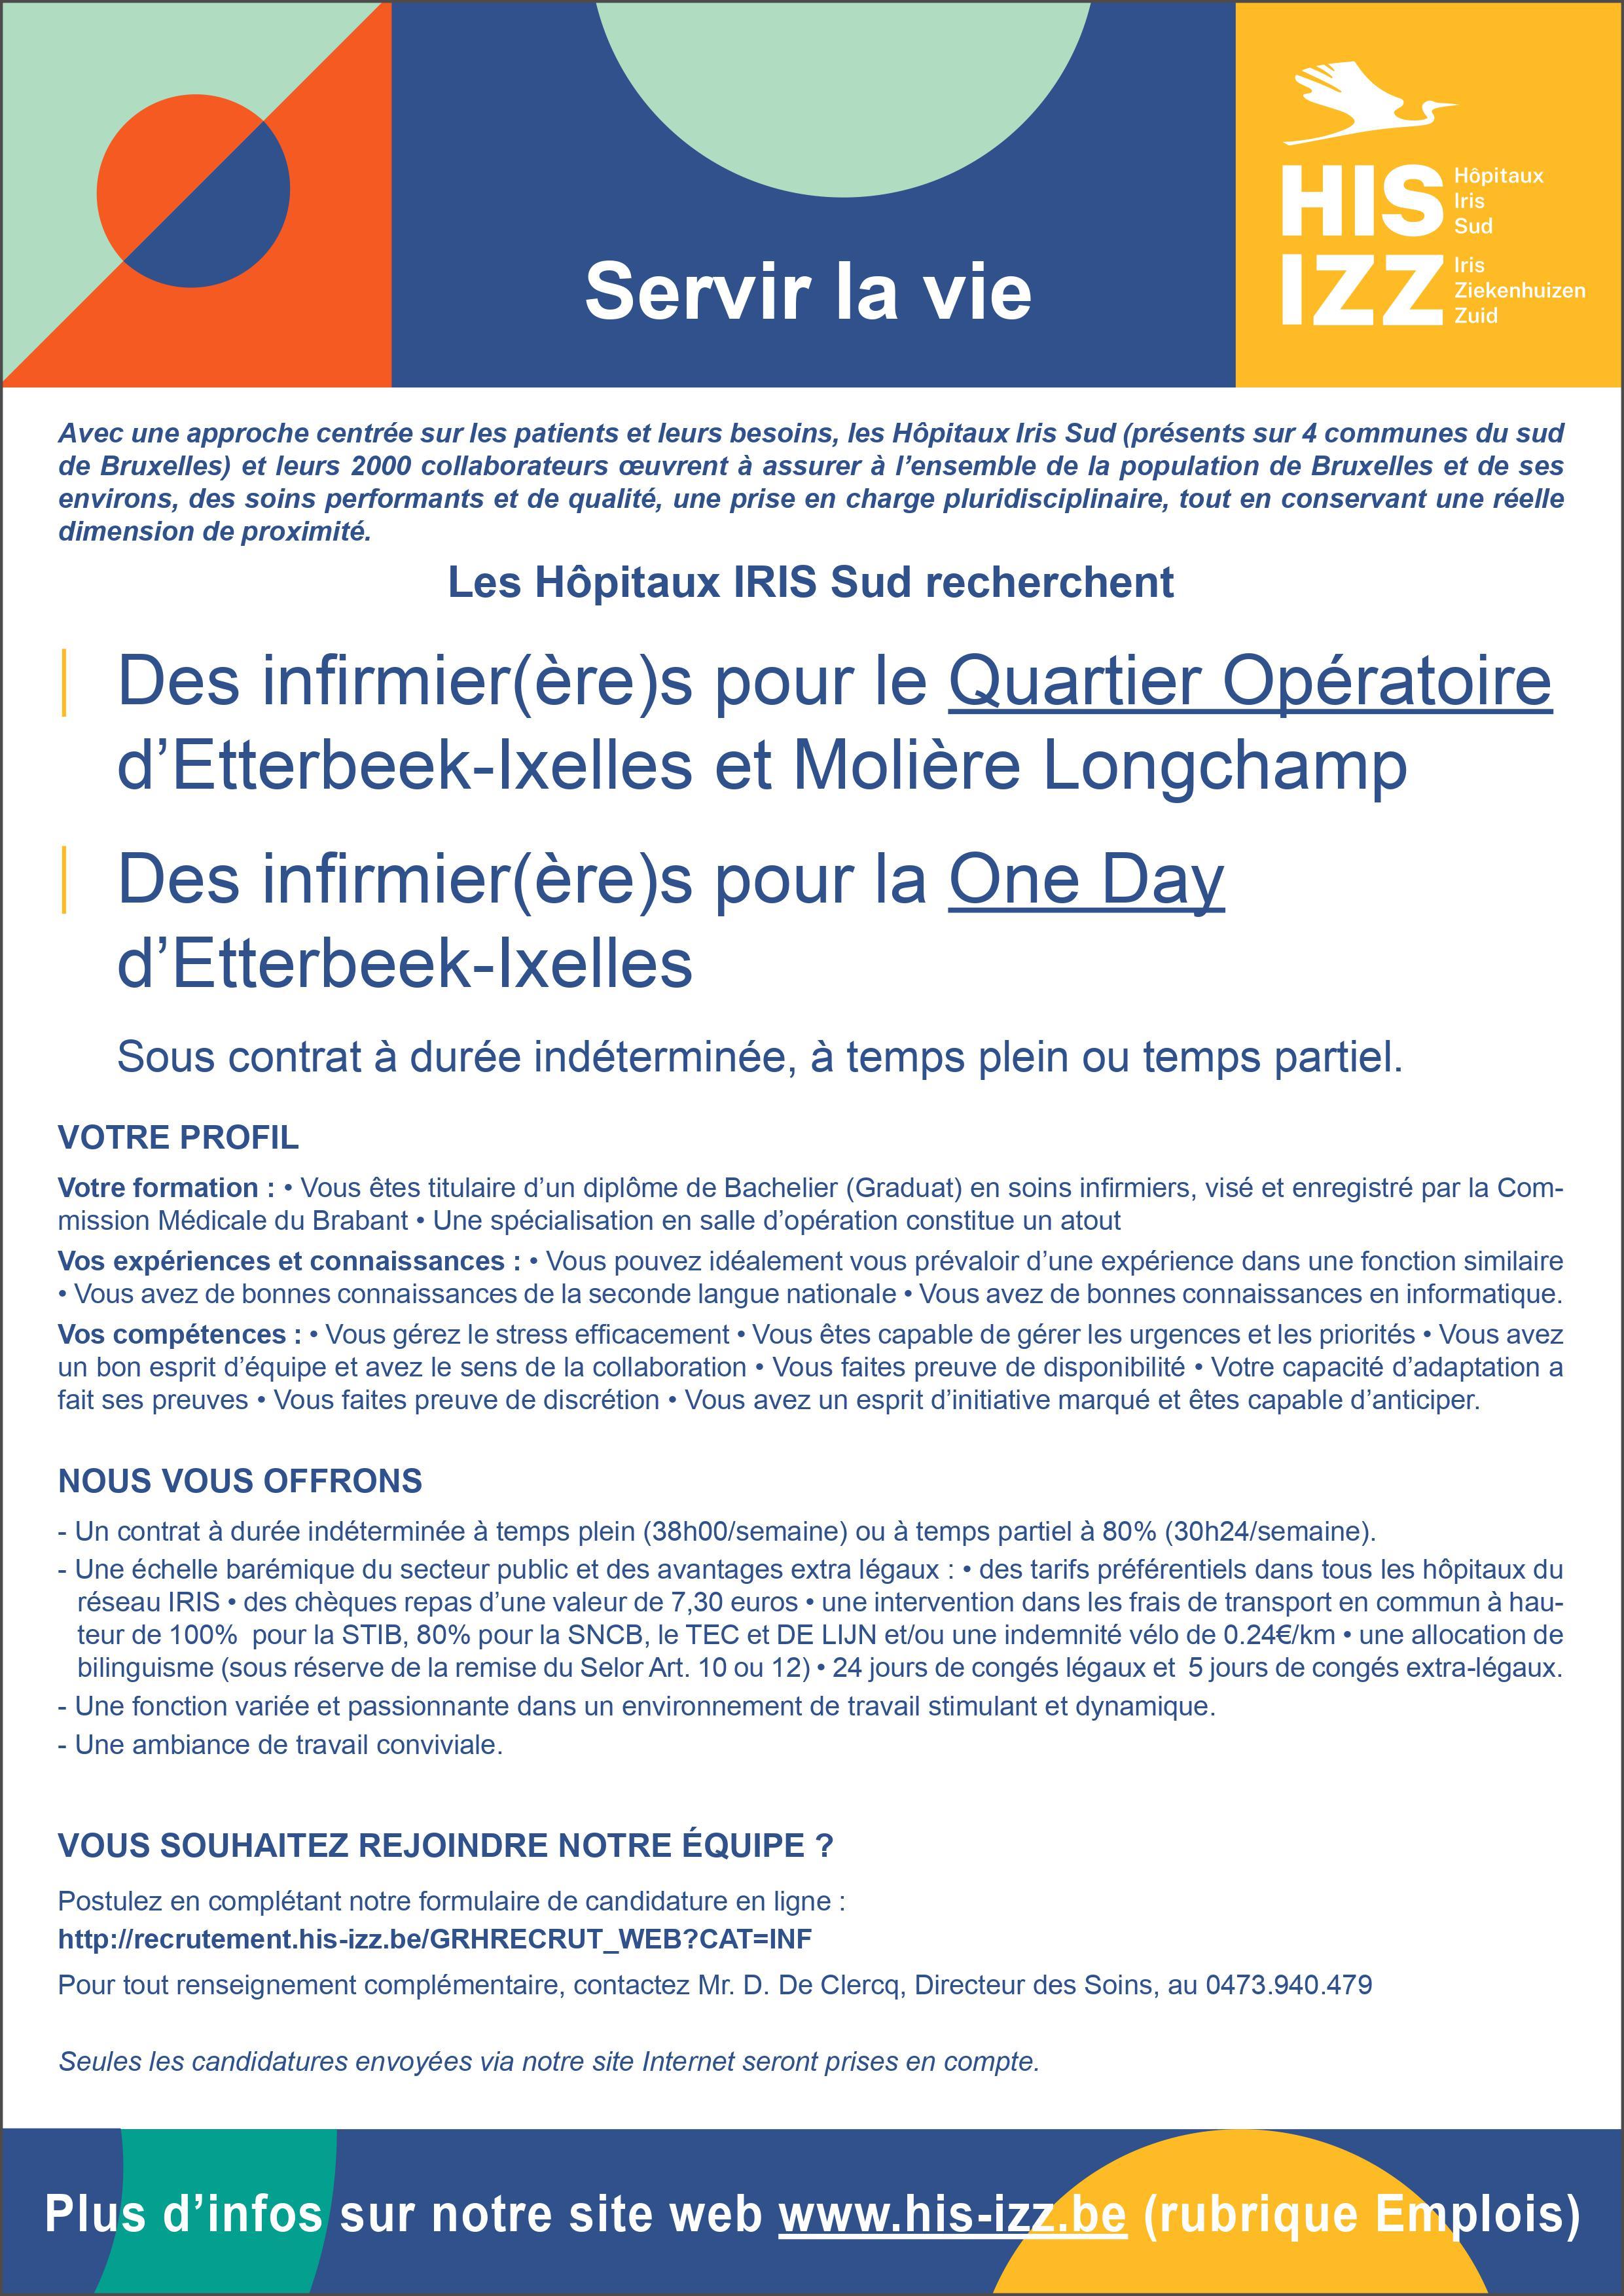 Les Hôpitaux Iris Sud recherchent des infirmiers (h/f) pour le Quartier Opératoire d'Etterbeek-Ixelles et Molière Longchamp et pour la One Day d'Etterbeek-Ixelles